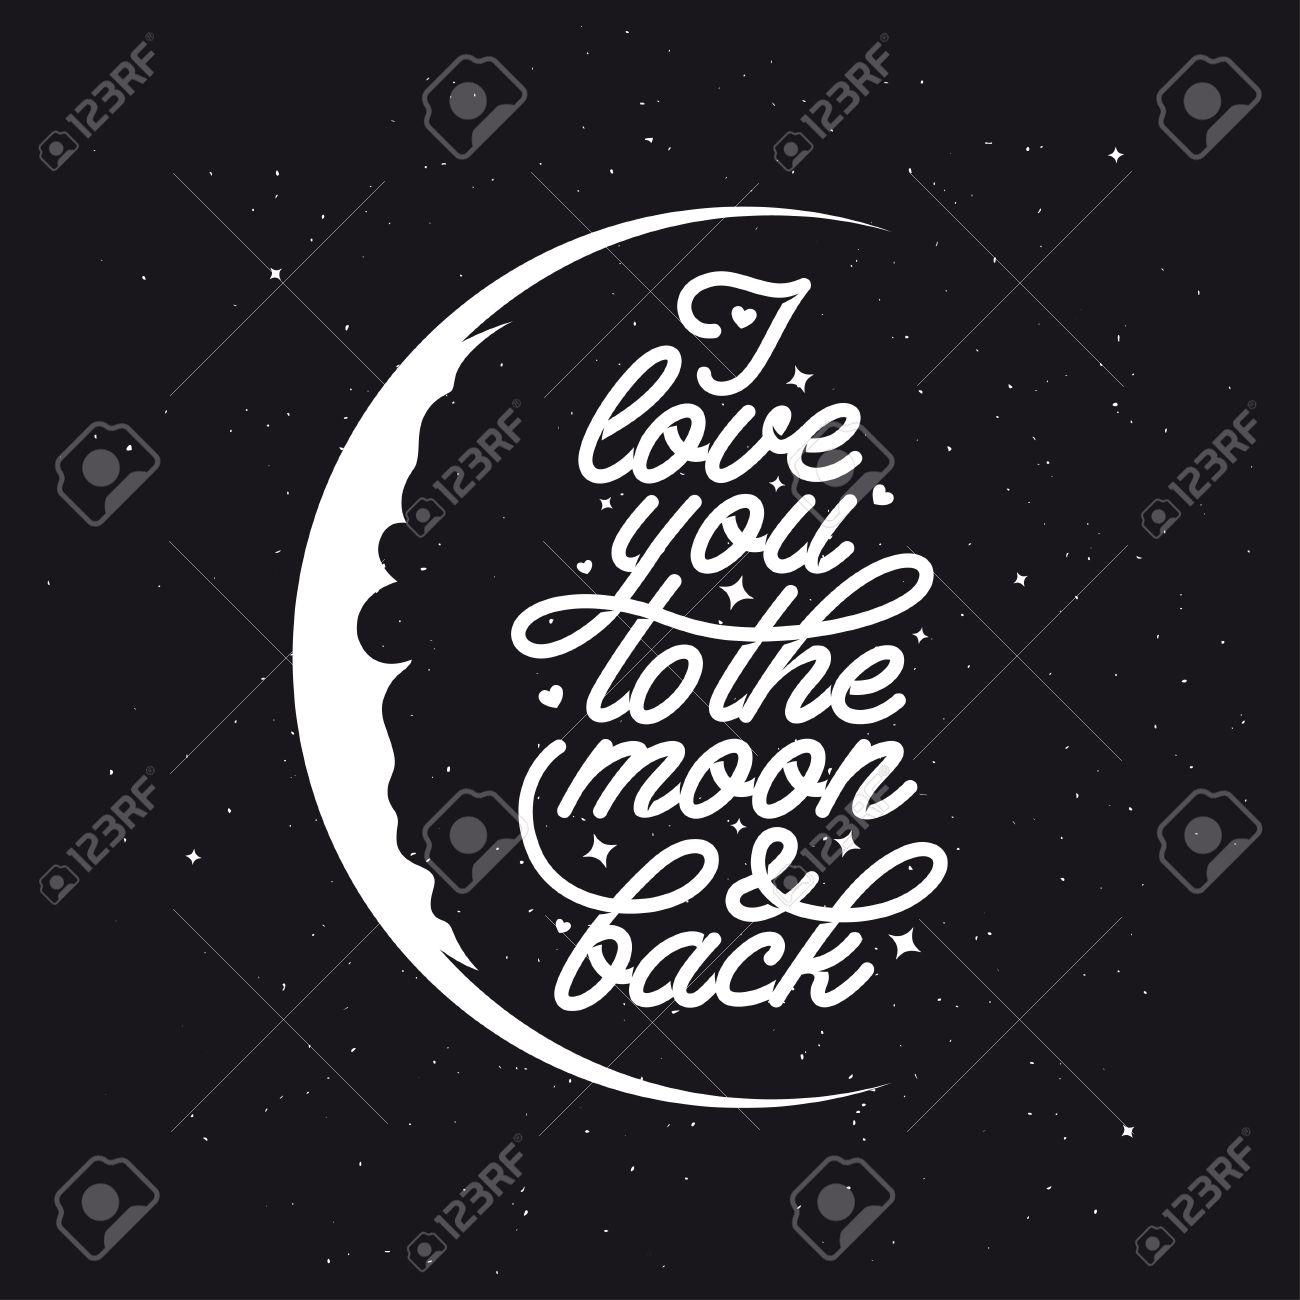 月とに戻ると私がみたい。ロマンチックなベクトル タイポグラフィ